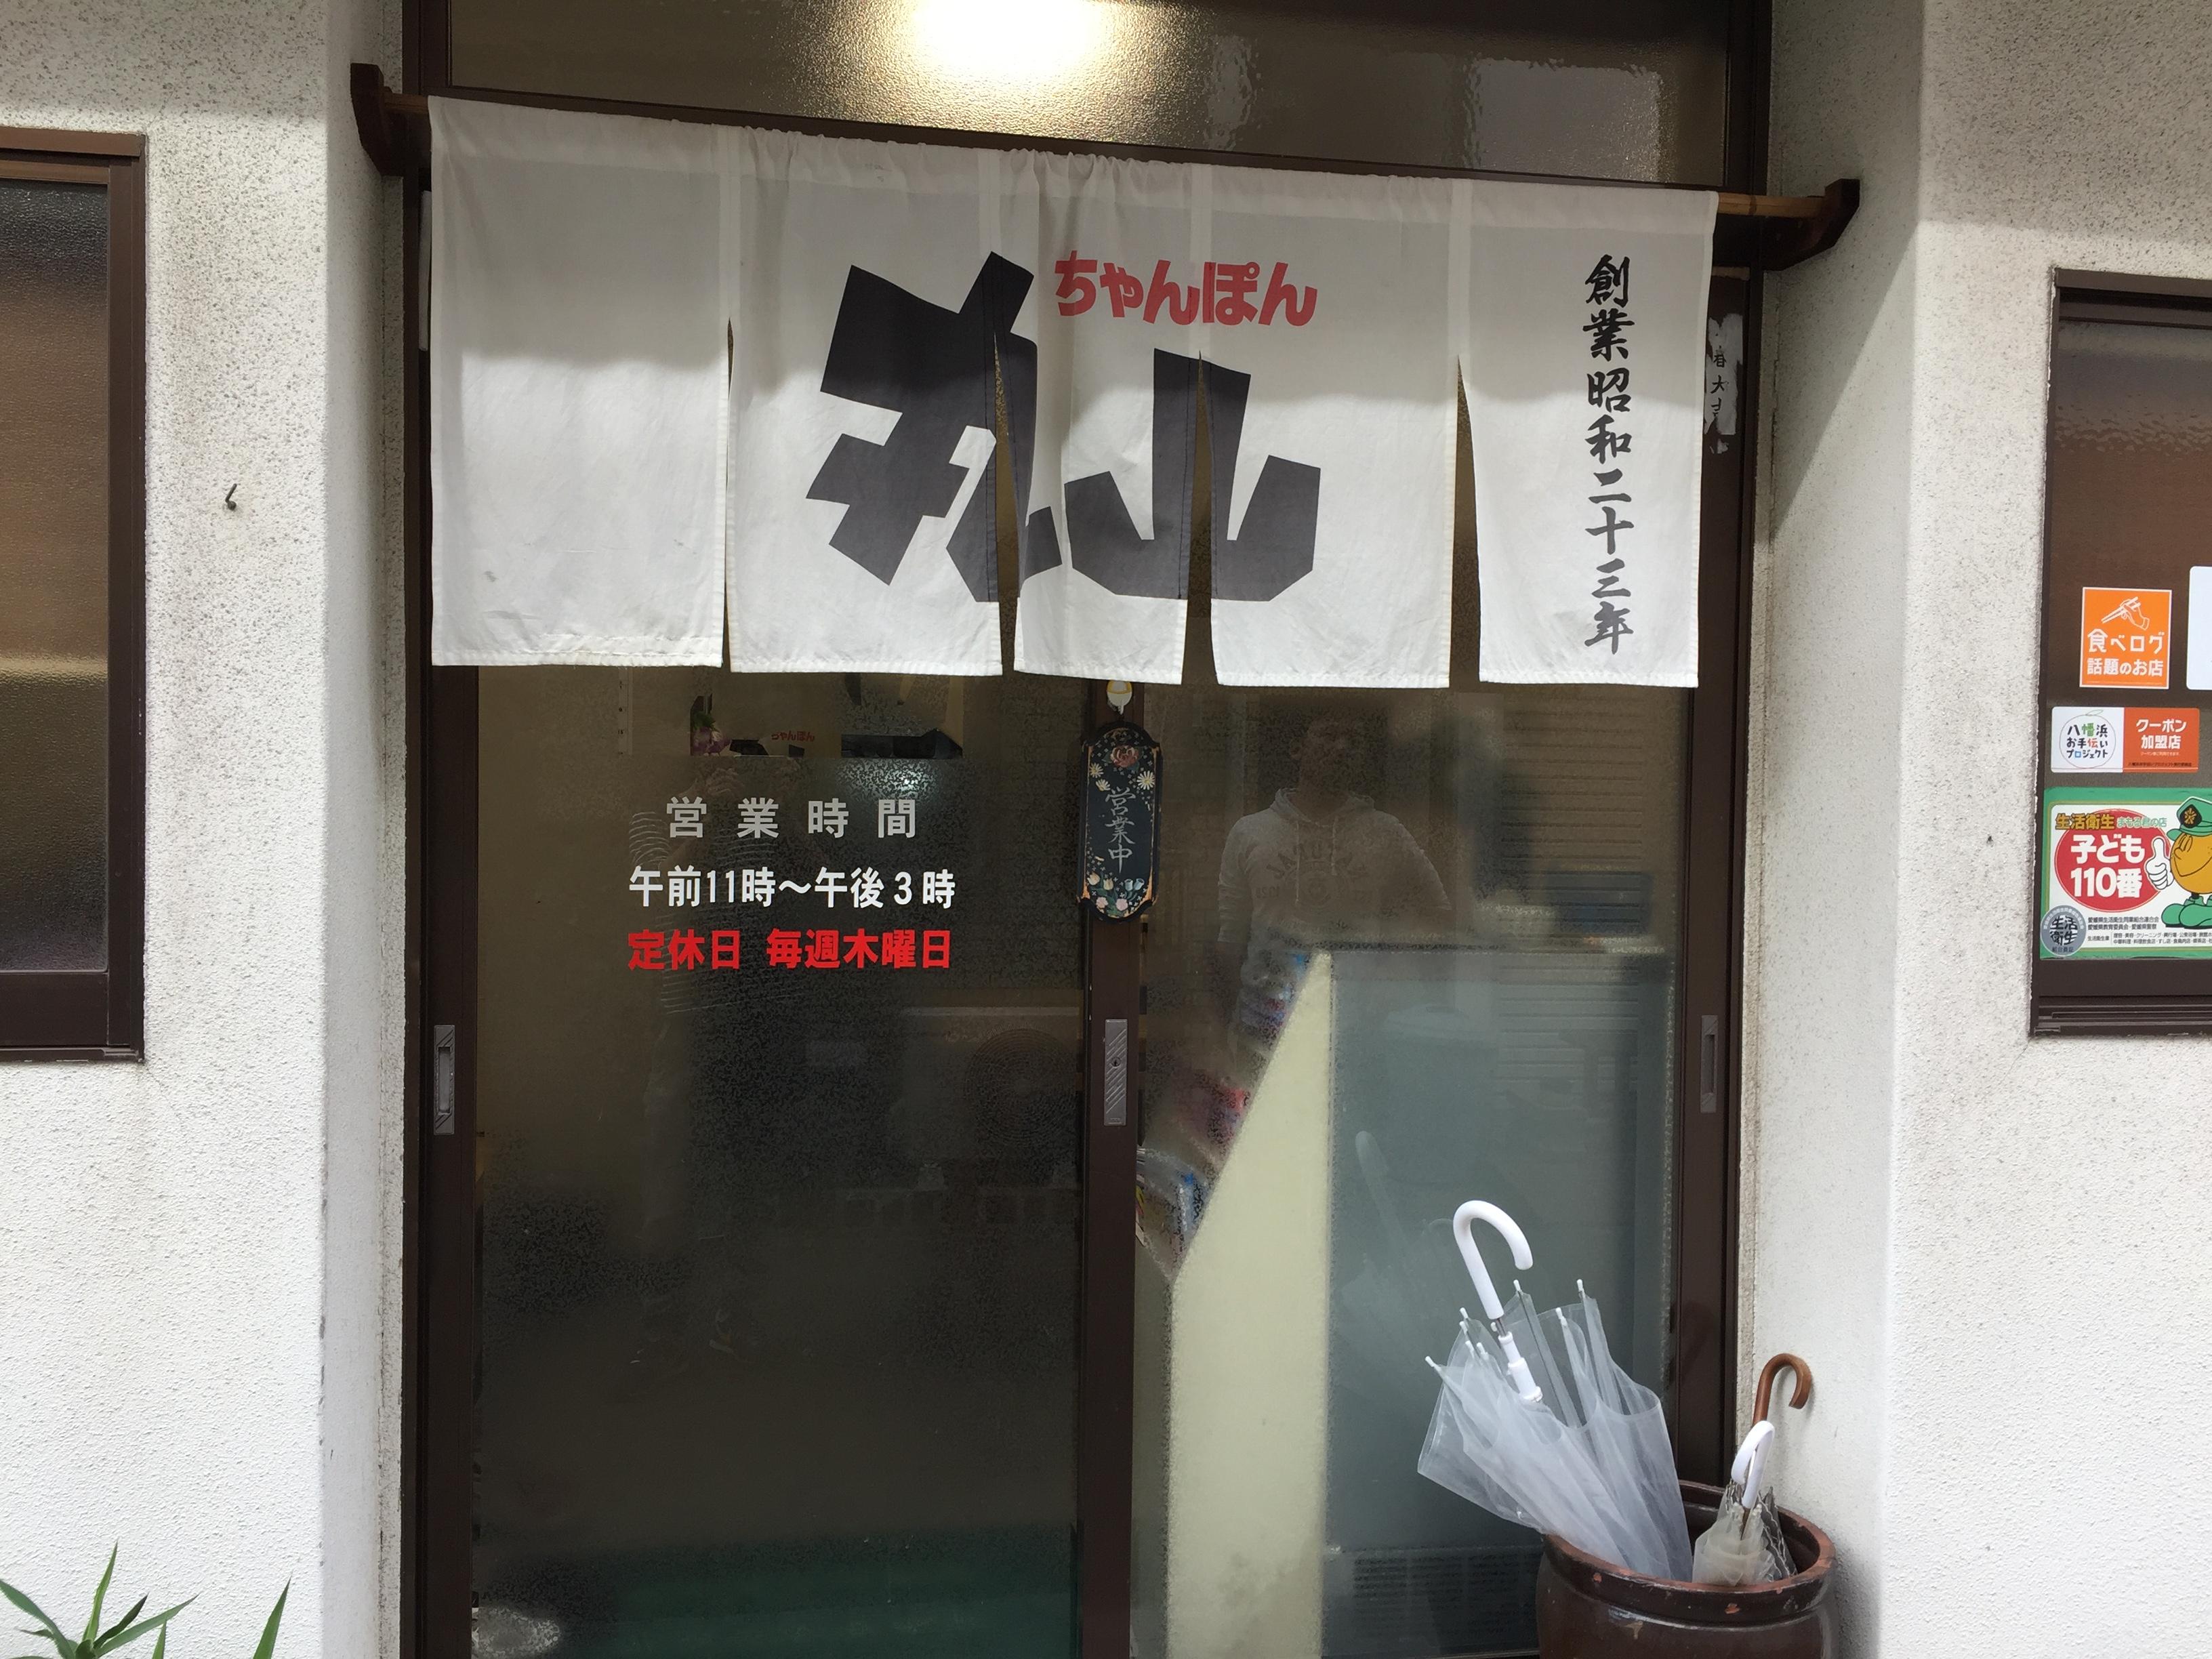 昭和23年創業!八幡浜ちゃんぽんの王道「ちゃんぽん丸山」でちゃんぽんを食べてみた!